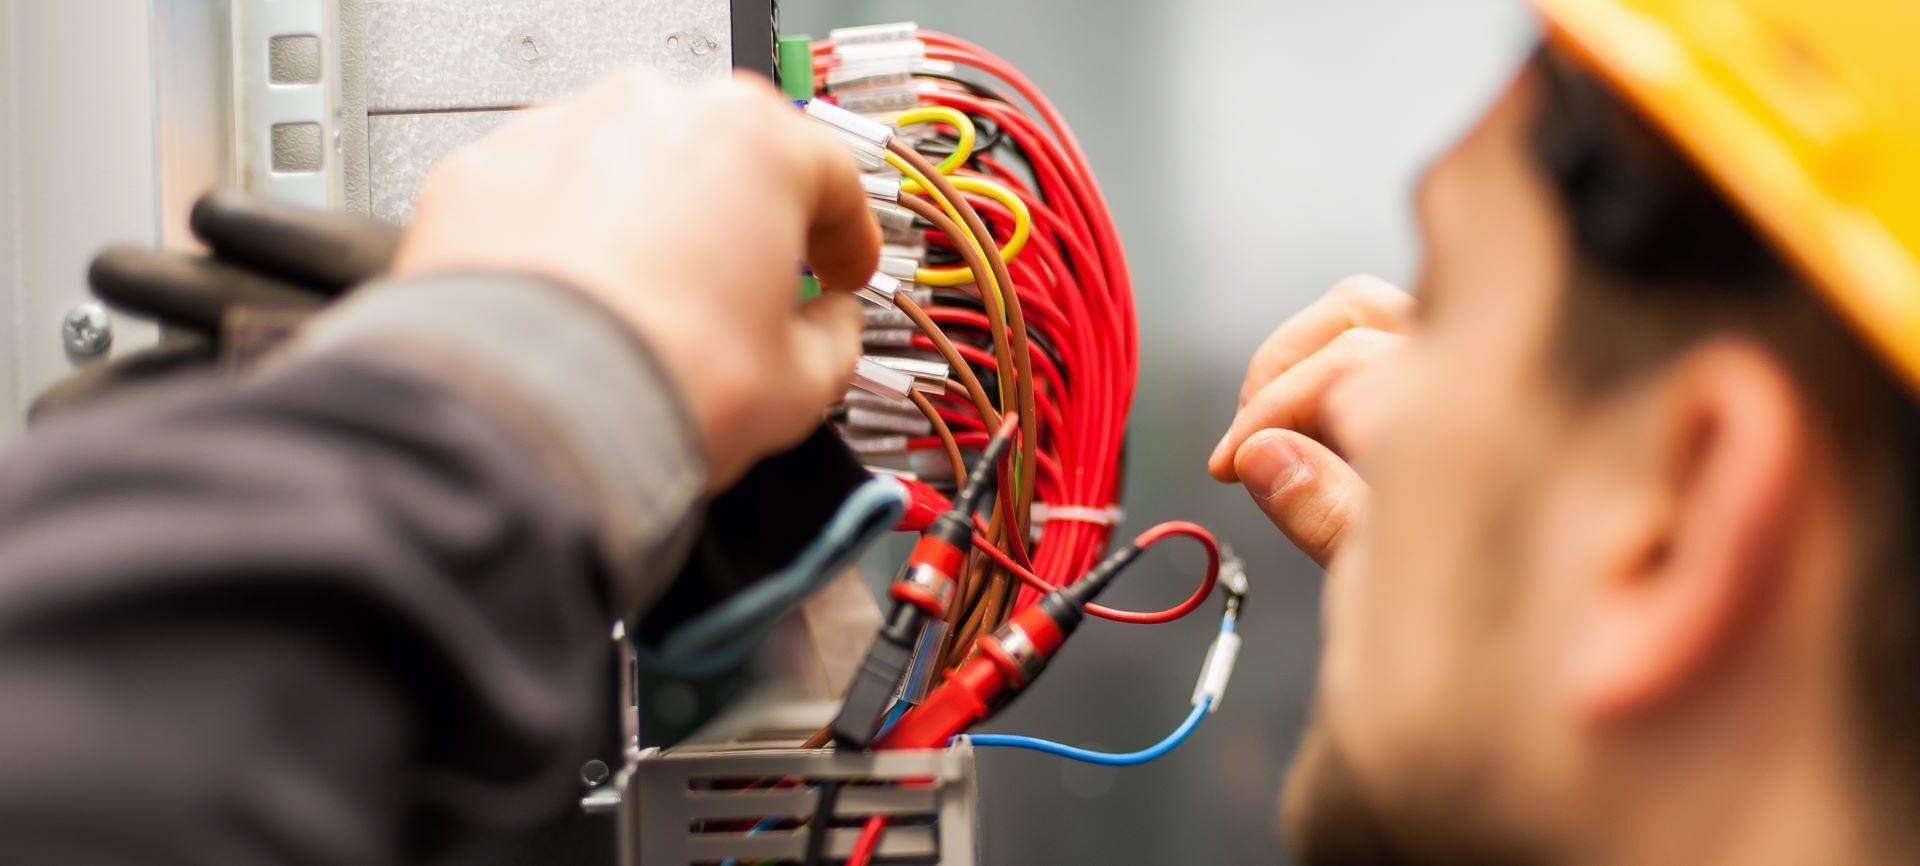 Lavorare come elettricista all'estero